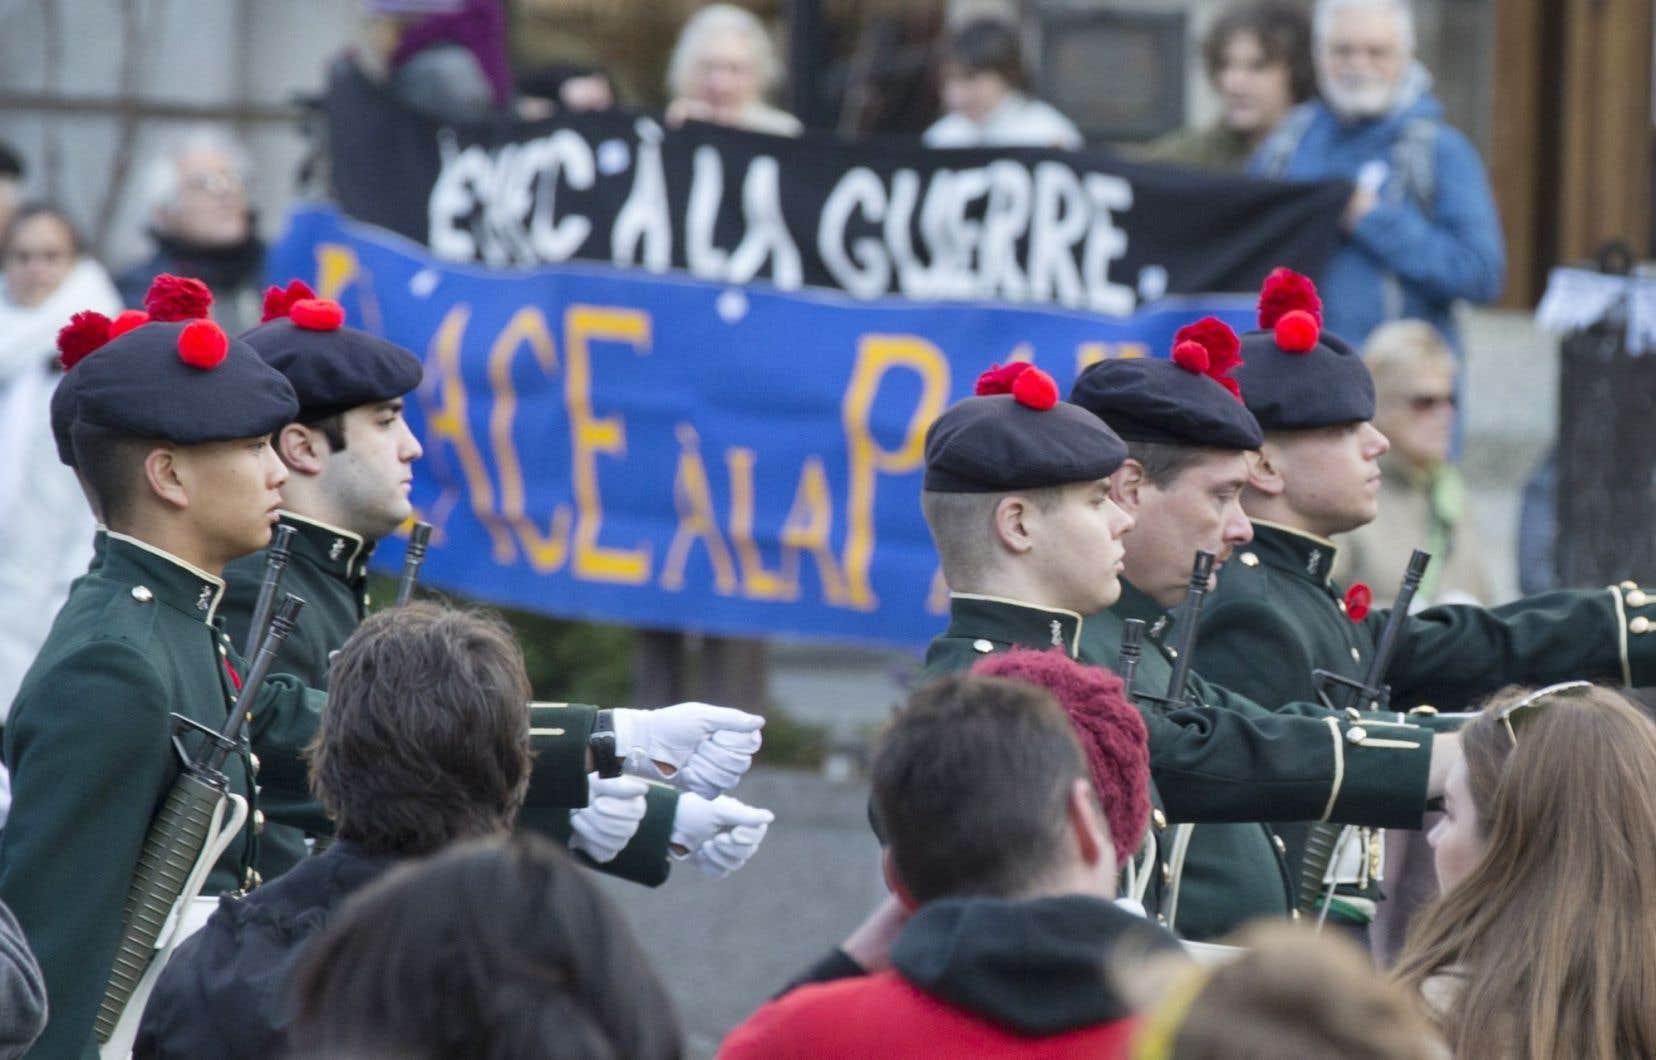 Une parade militaire a été organisée à Montréal, où desmanifestants du groupe Échec à la guerre ont lancé un message de paix.